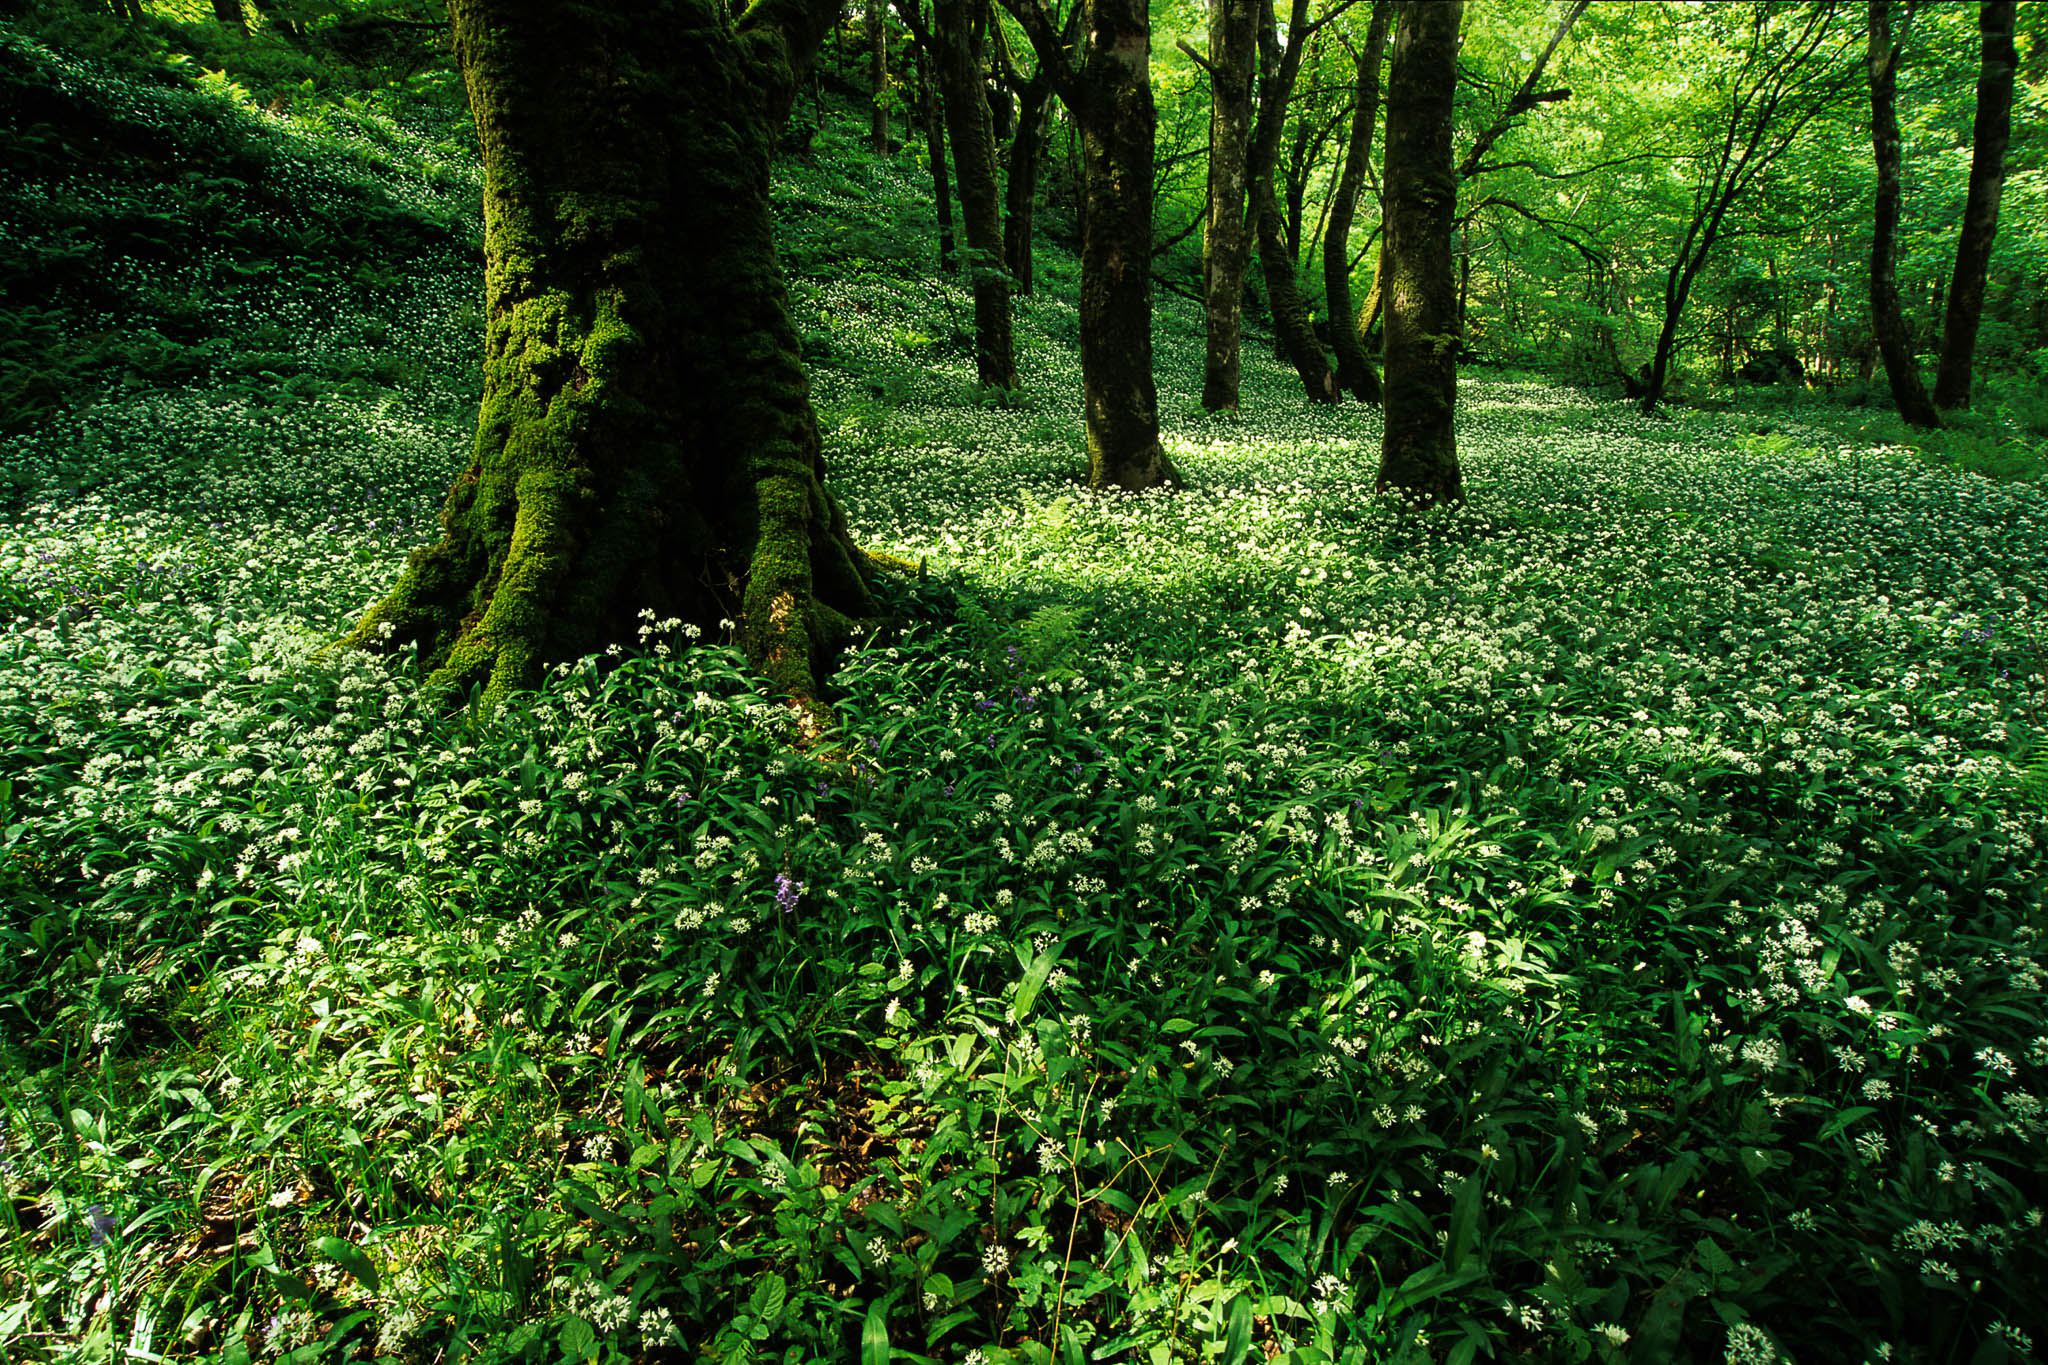 Wild Garlic Wood, United Kingdom